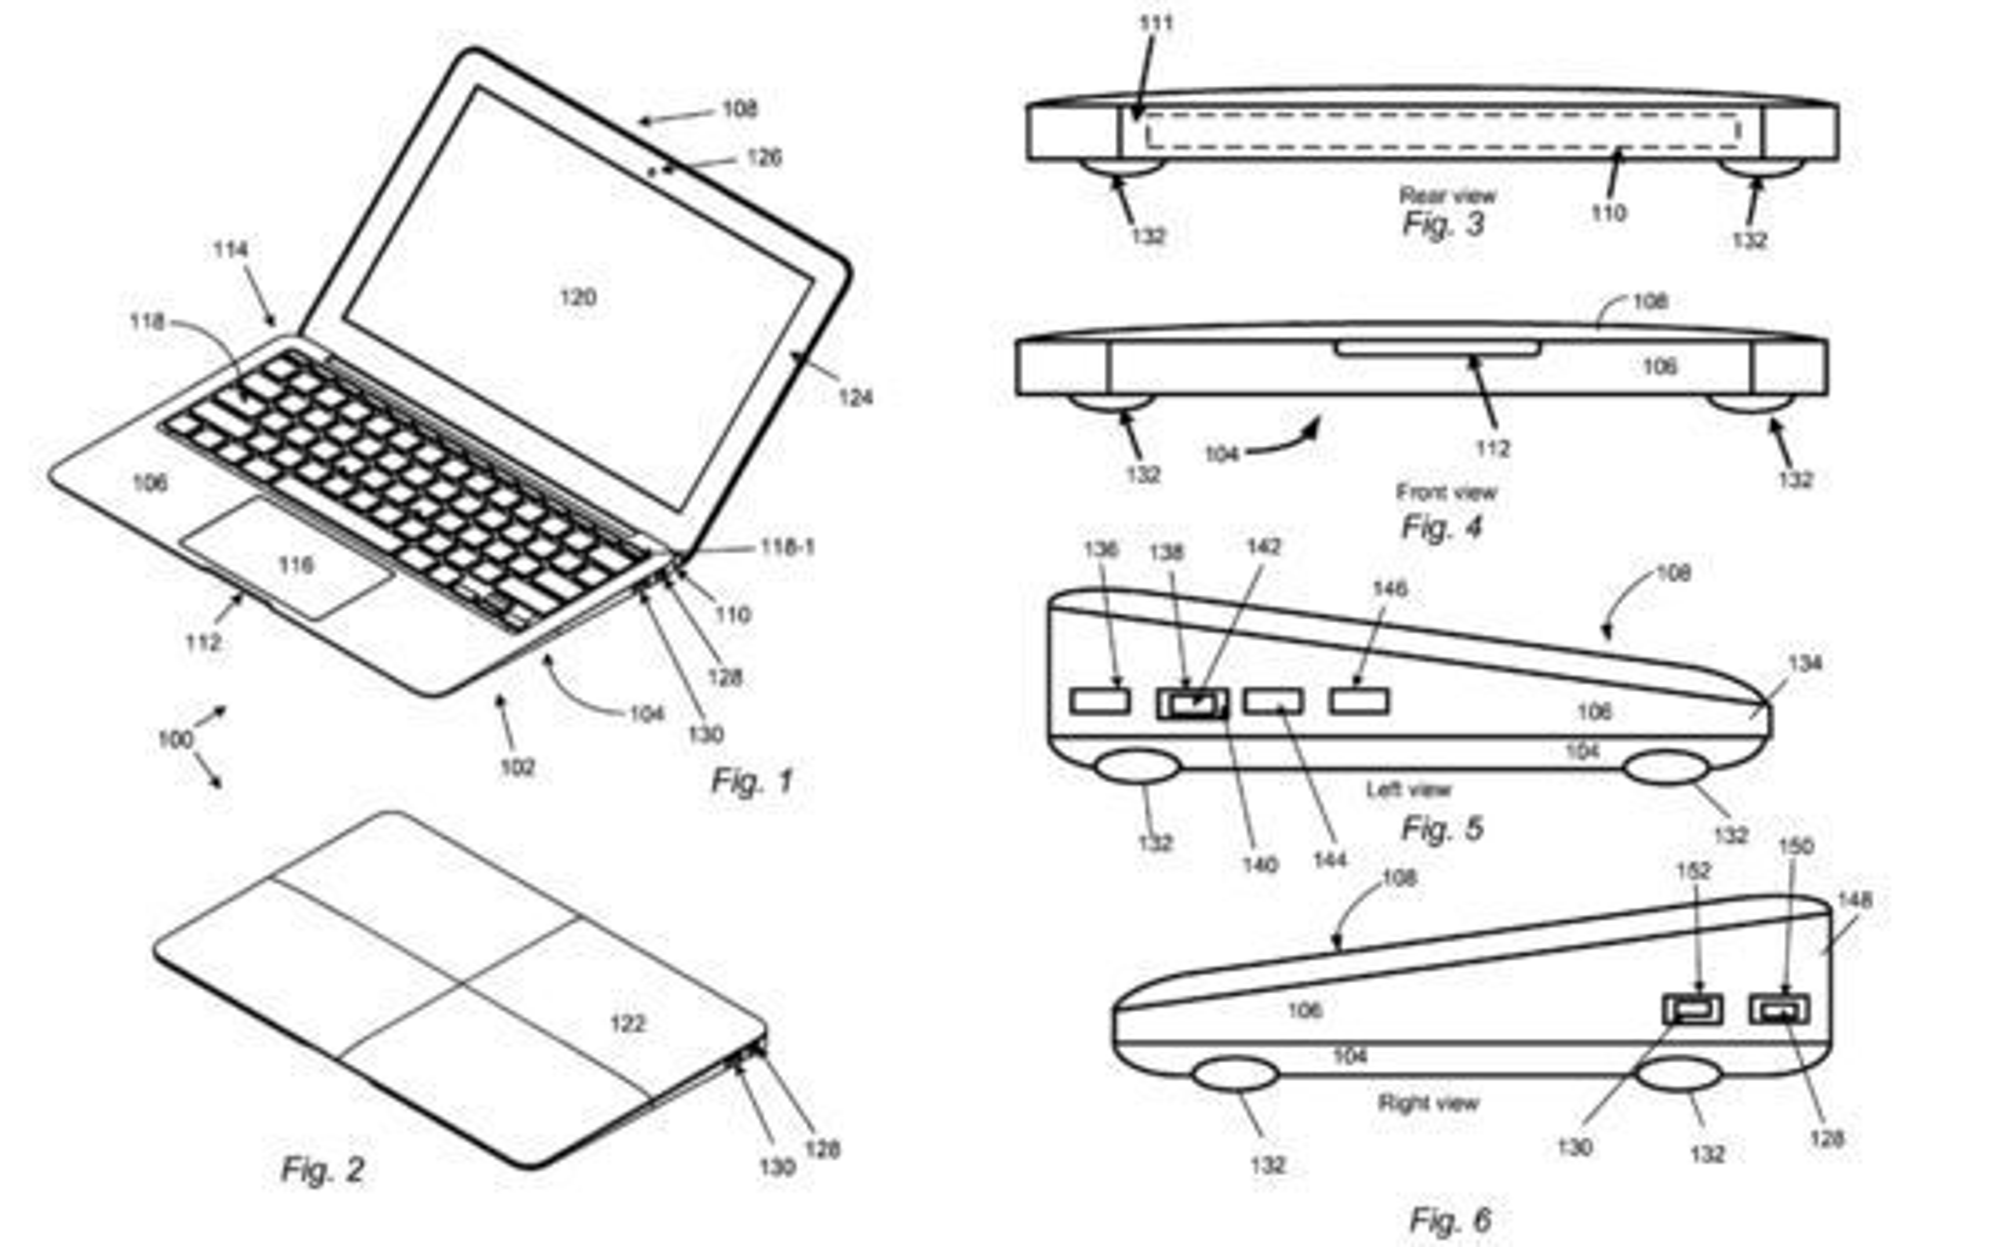 Patentsøknaden til Apple kan i teorien (dersom den innvilges) bli brukt til å stanse salg av Macbook Air-kloner, ifølge Wired.